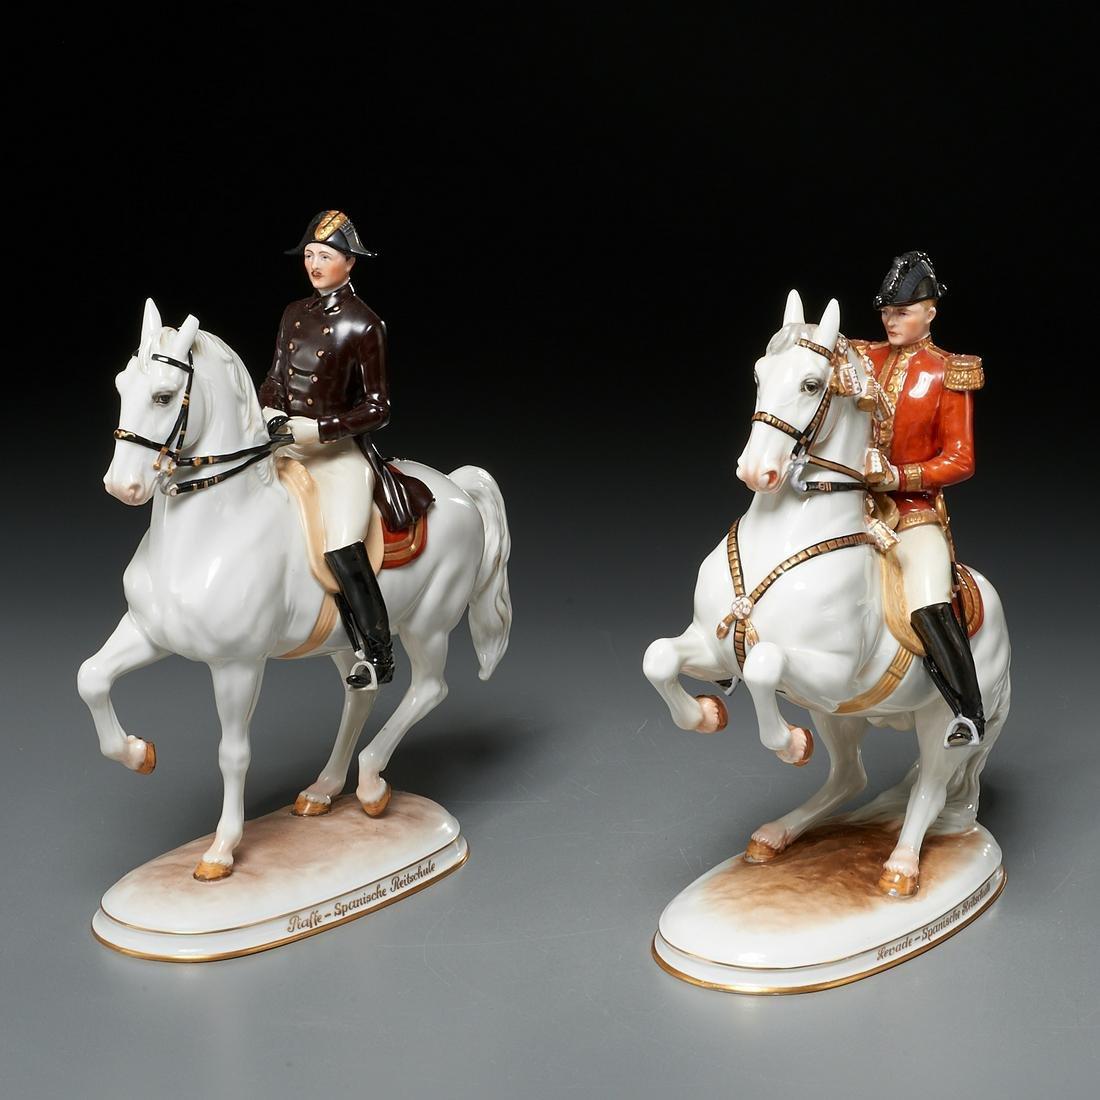 (2) Vienna Augarten Wien regimental figures